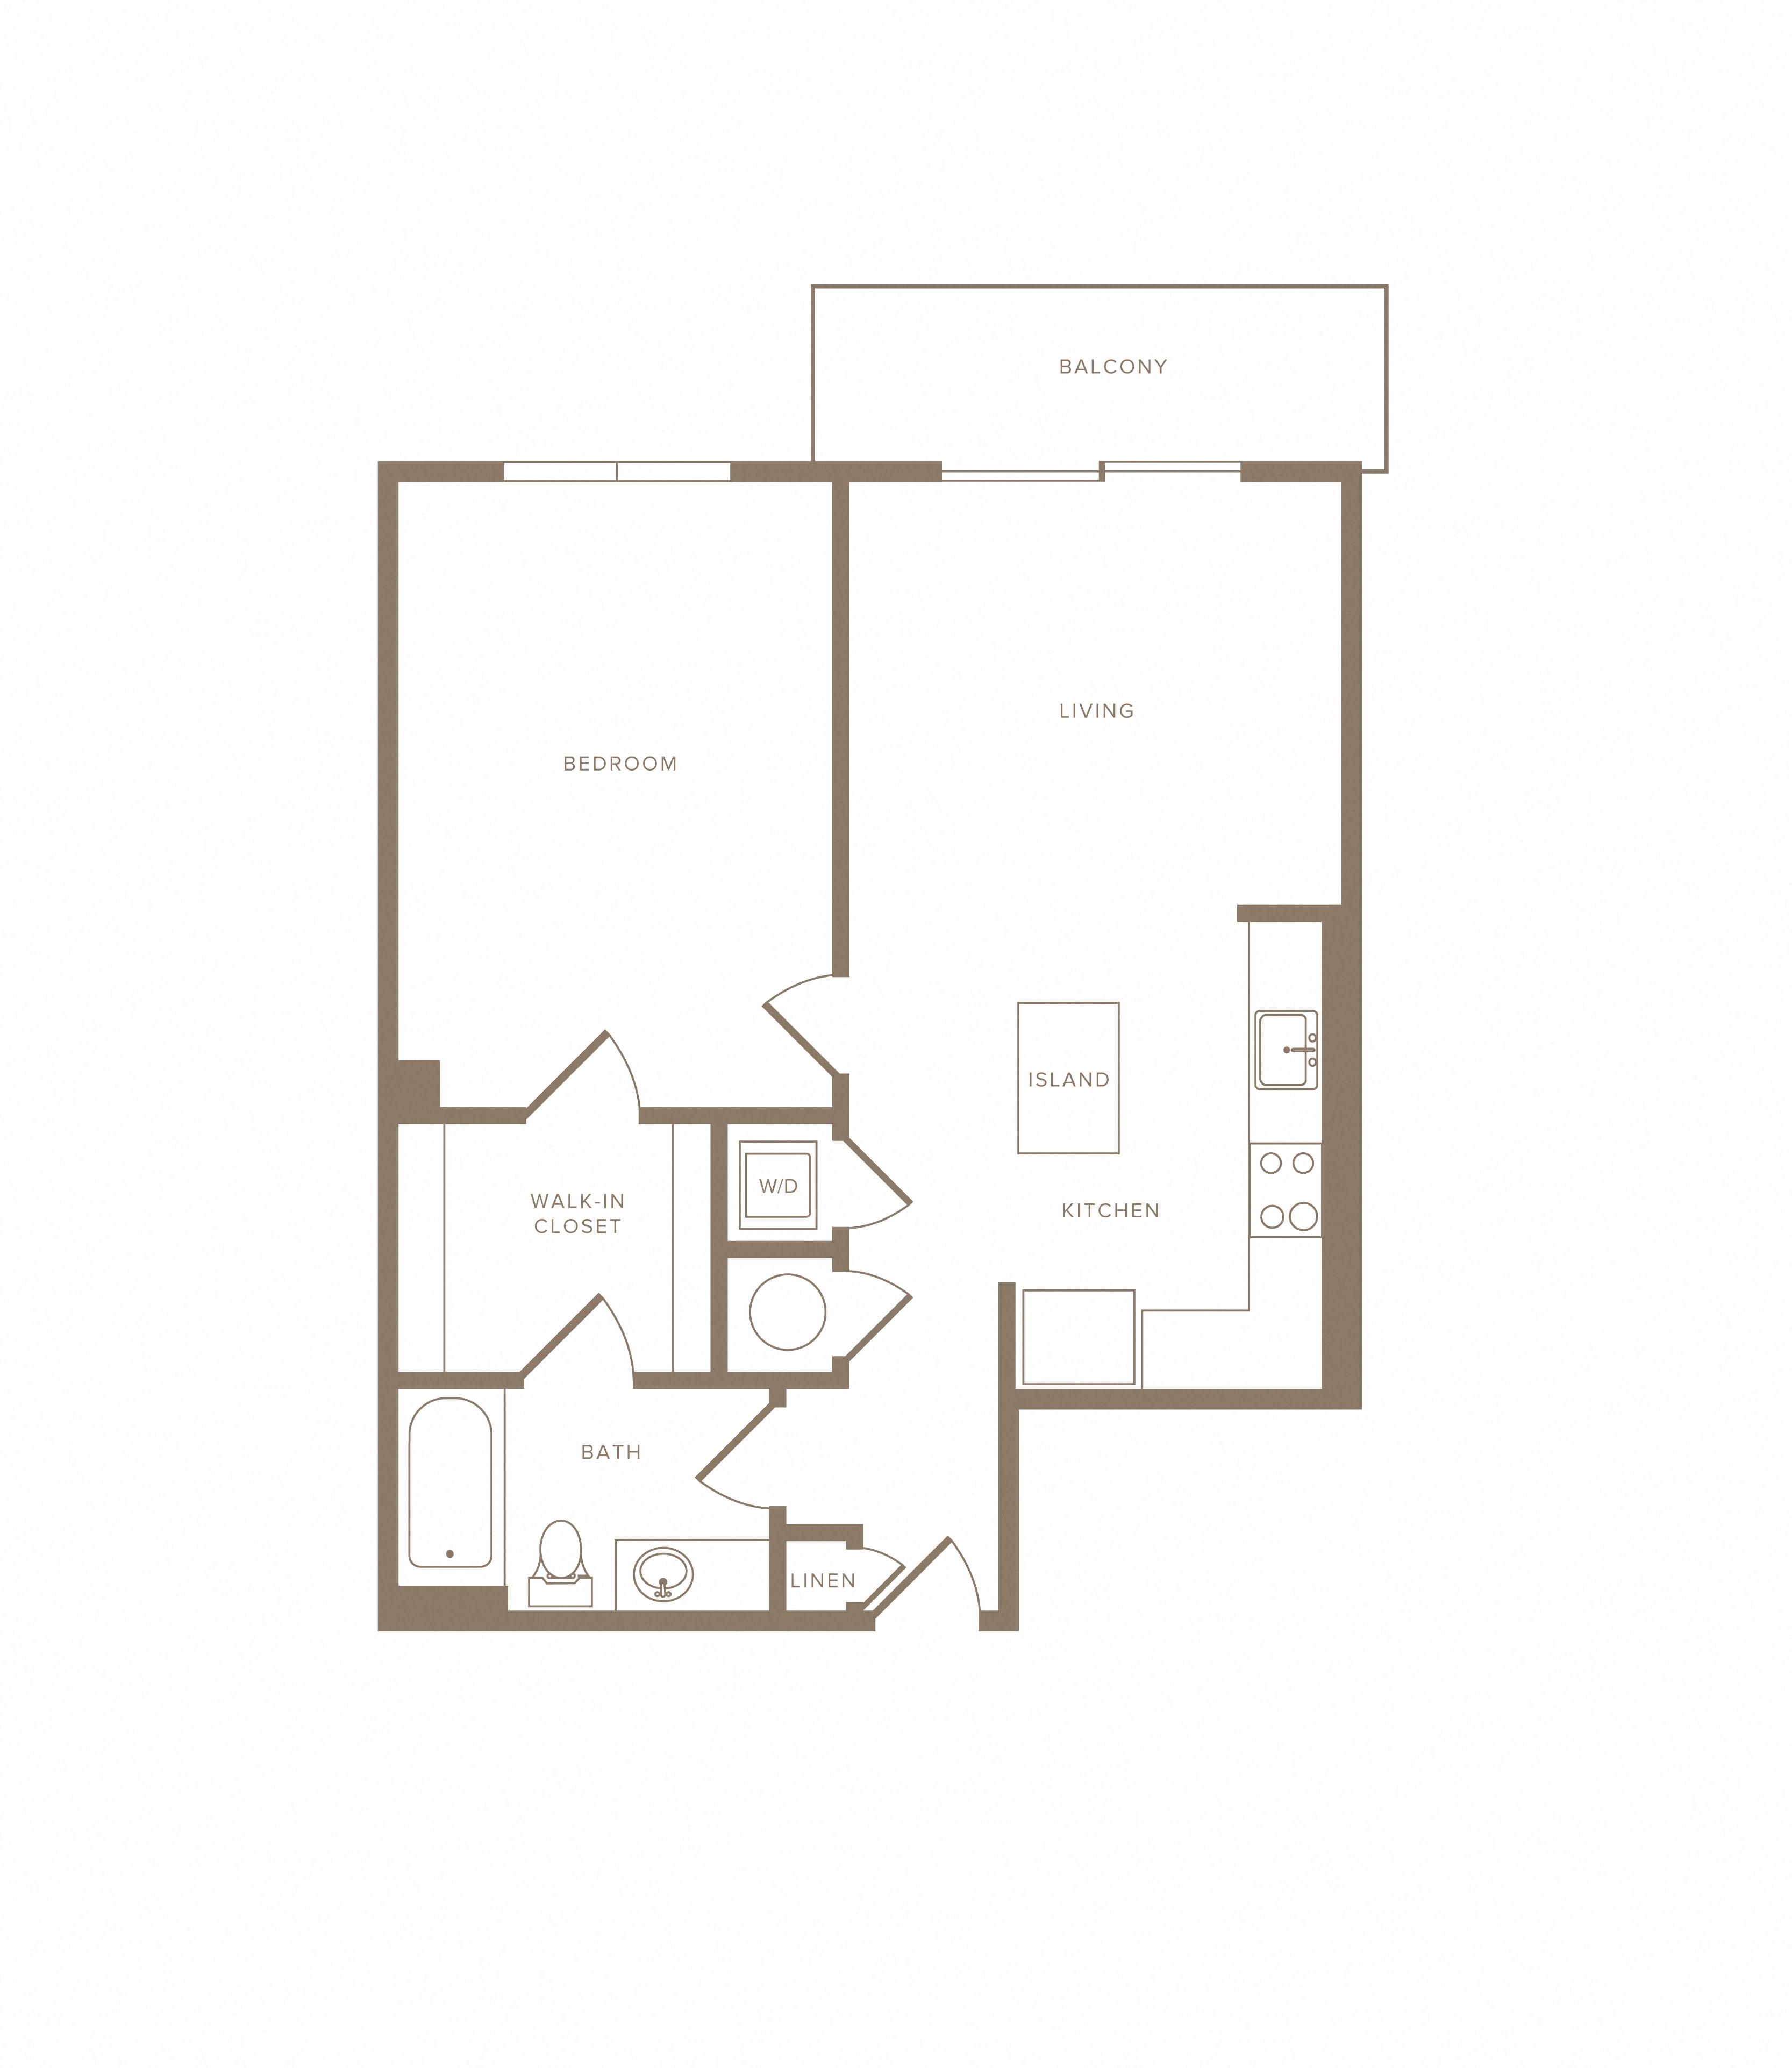 Apartment C-206 floorplan